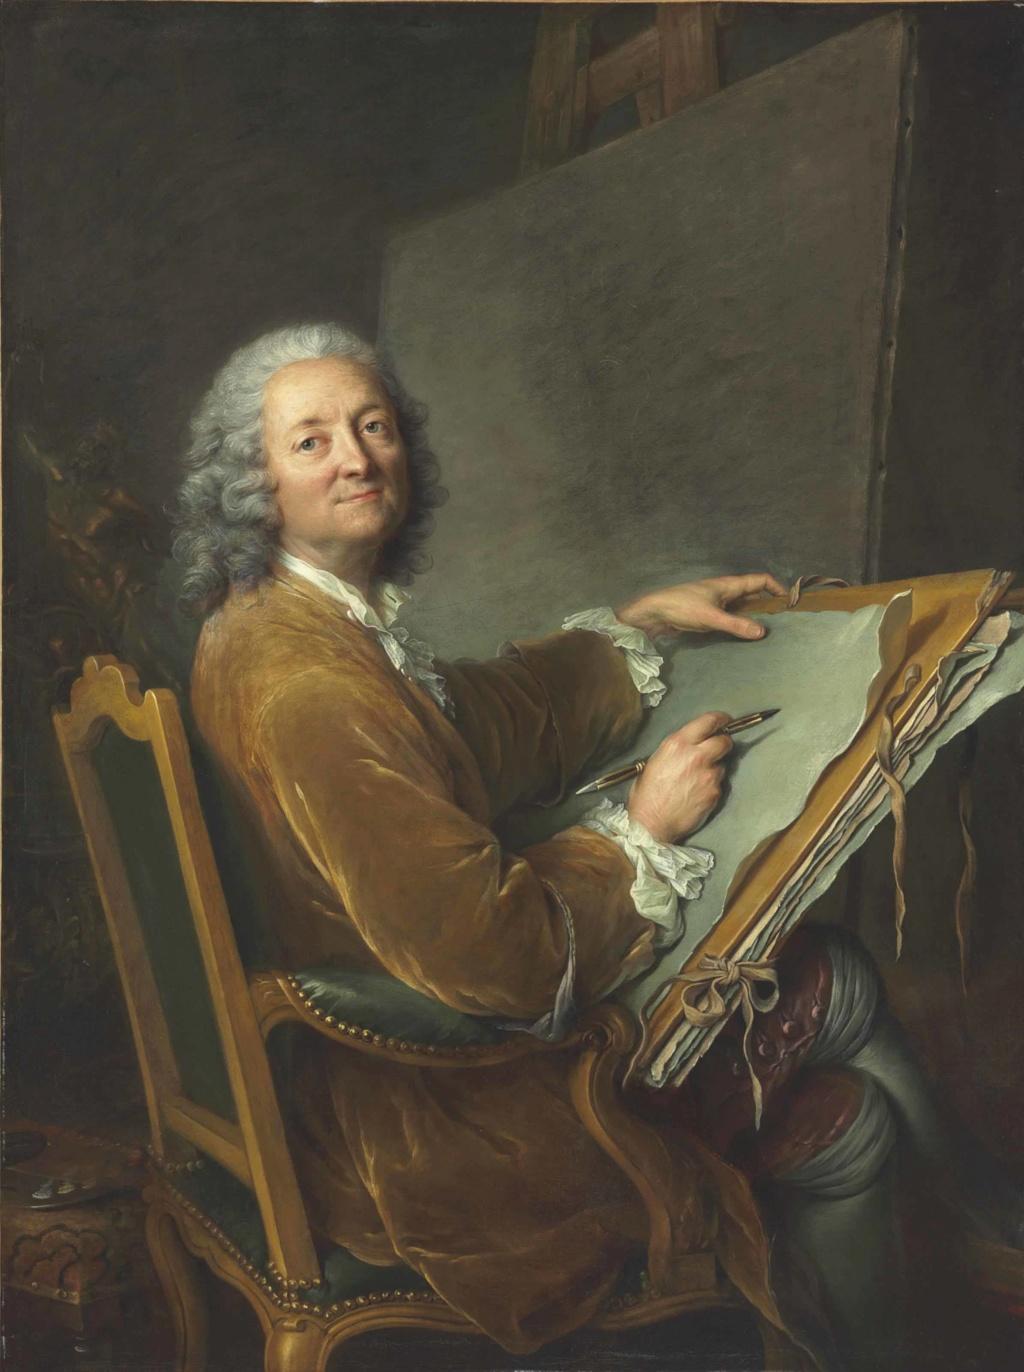 Les Drouais, artistes peintres de père en fils : Jean, Hubert, François-Hubert et Jean-Germain Drouais Portra54